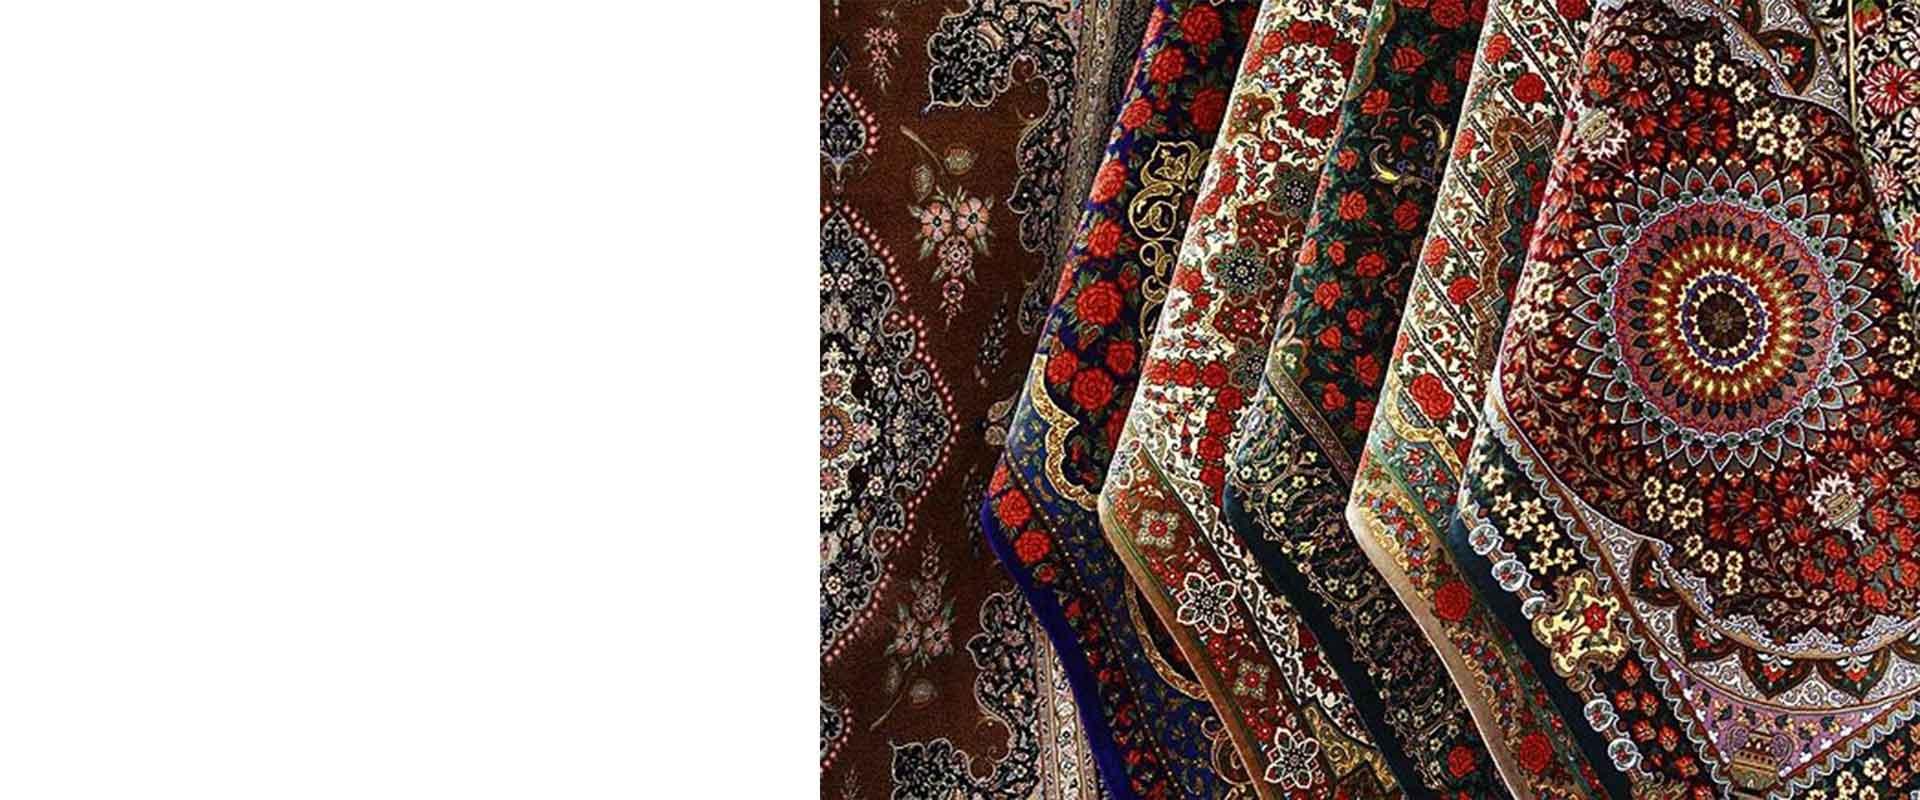 دیزج دیز شهر هنرمندان فرش دستباف